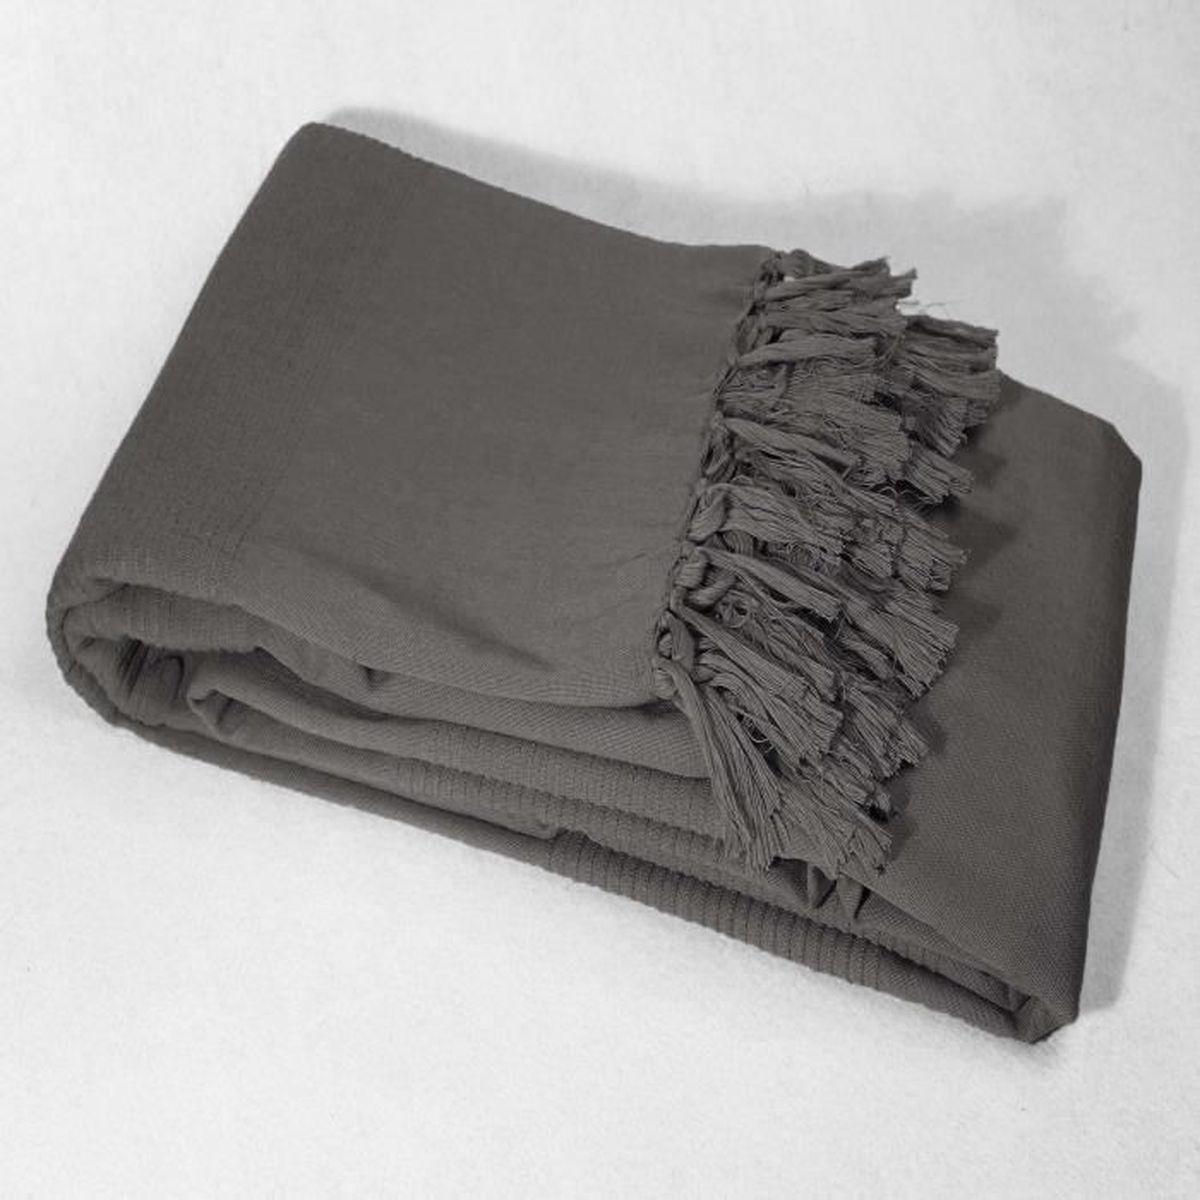 jetee de canape achat vente jetee de canape pas cher cdiscount. Black Bedroom Furniture Sets. Home Design Ideas